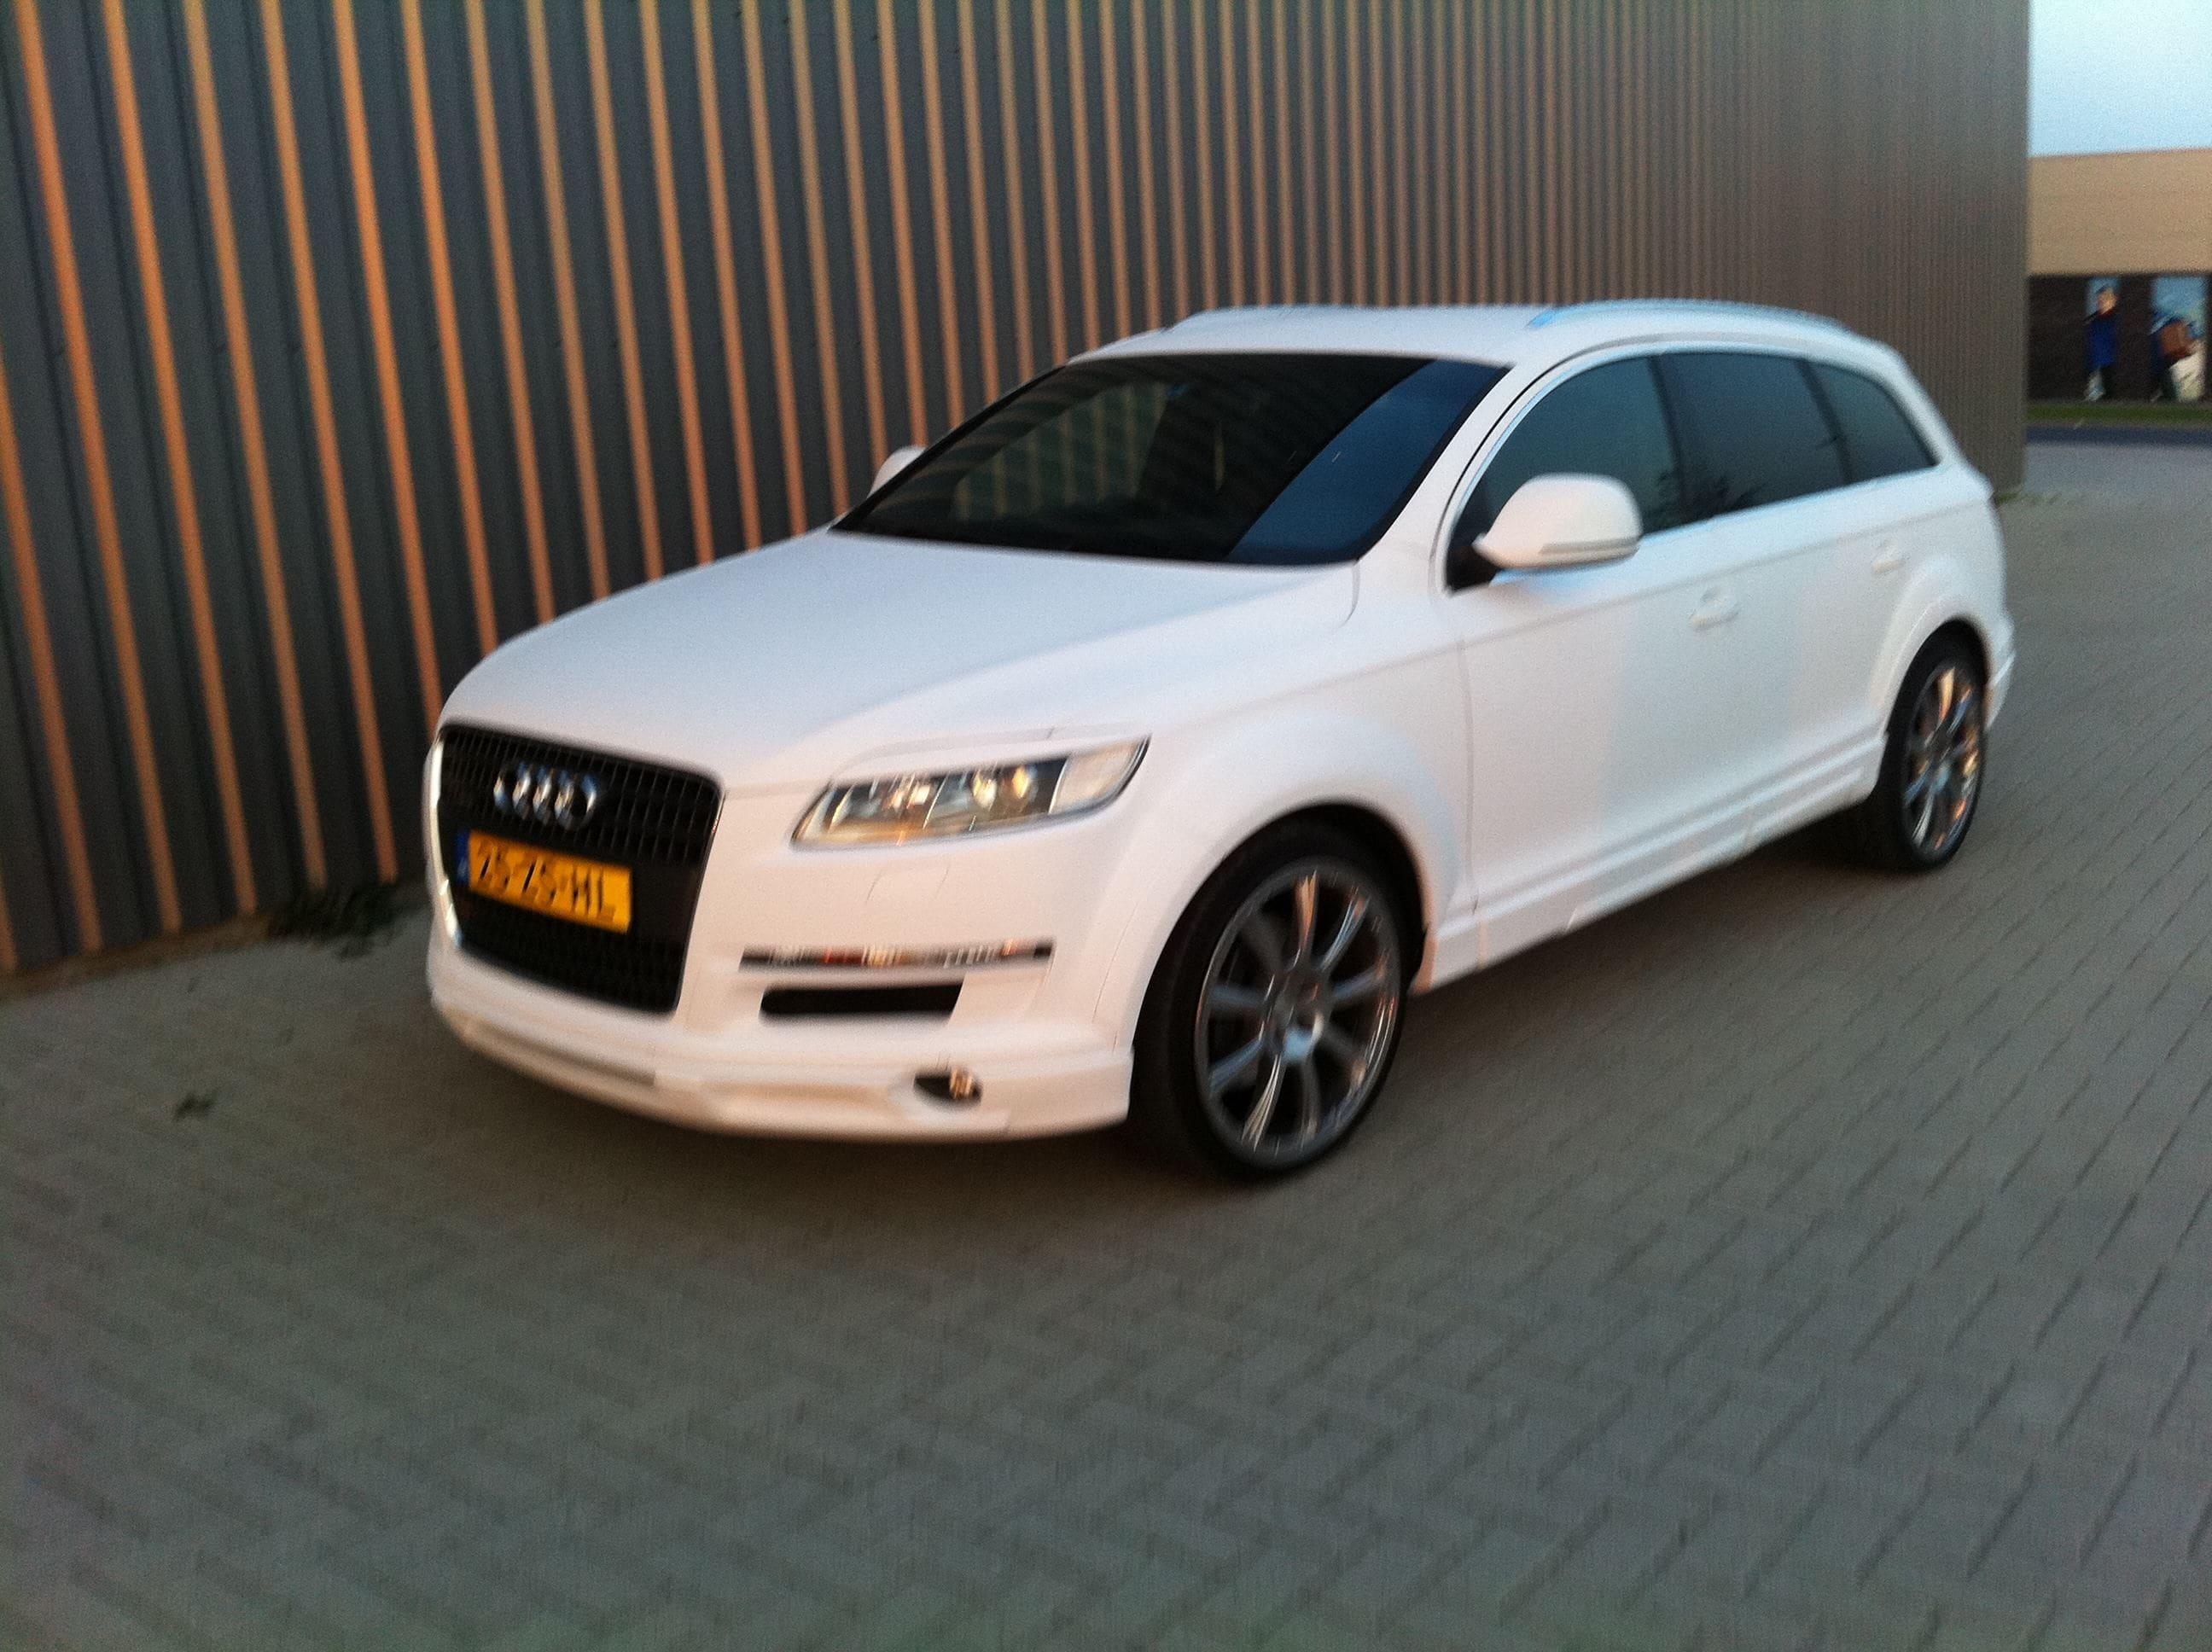 Audi Q7 met Mat Witte Wrap, Carwrapping door Wrapmyride.nu Foto-nr:4927, ©2021